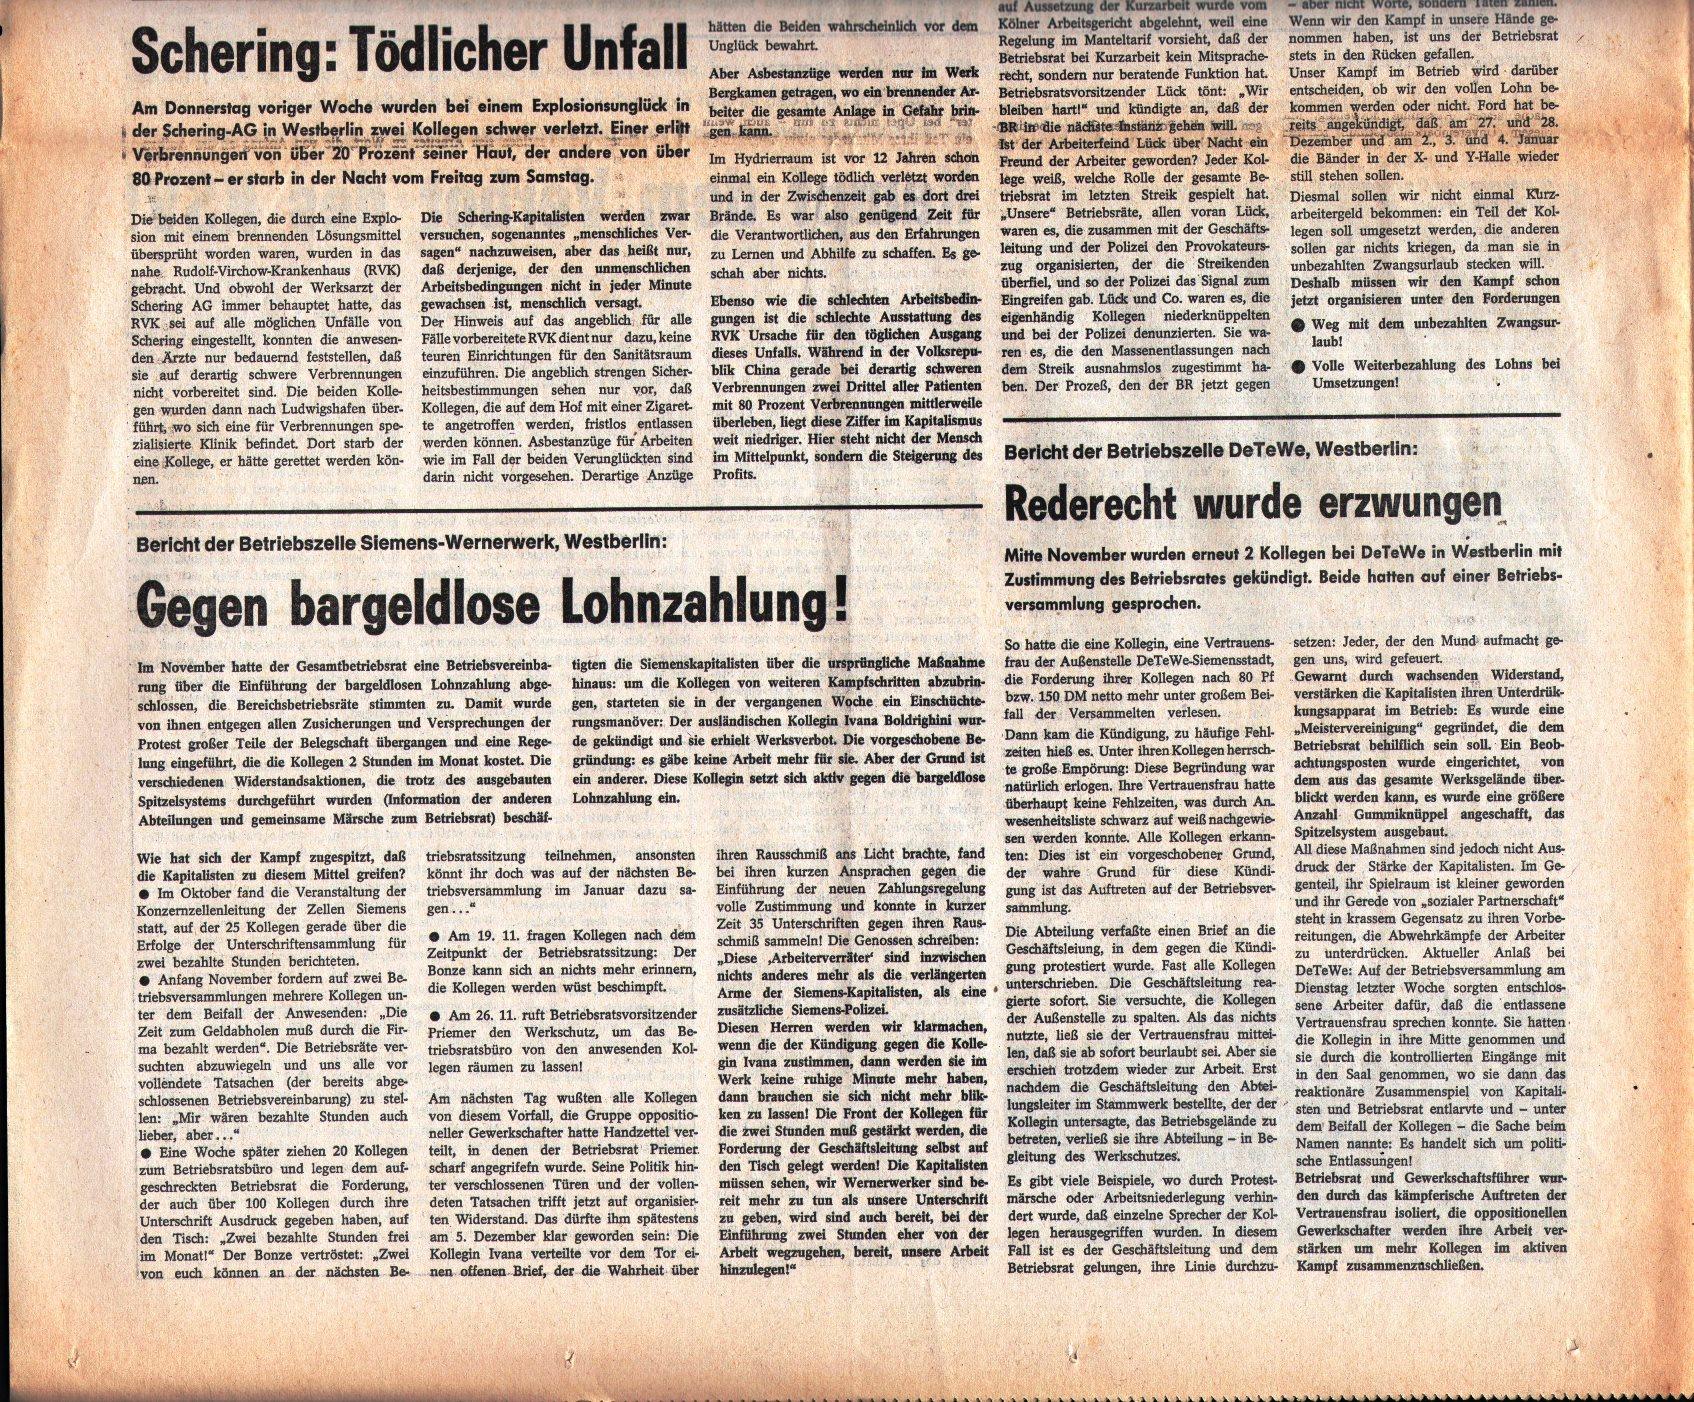 KPD_Rote_Fahne_1973_50_08